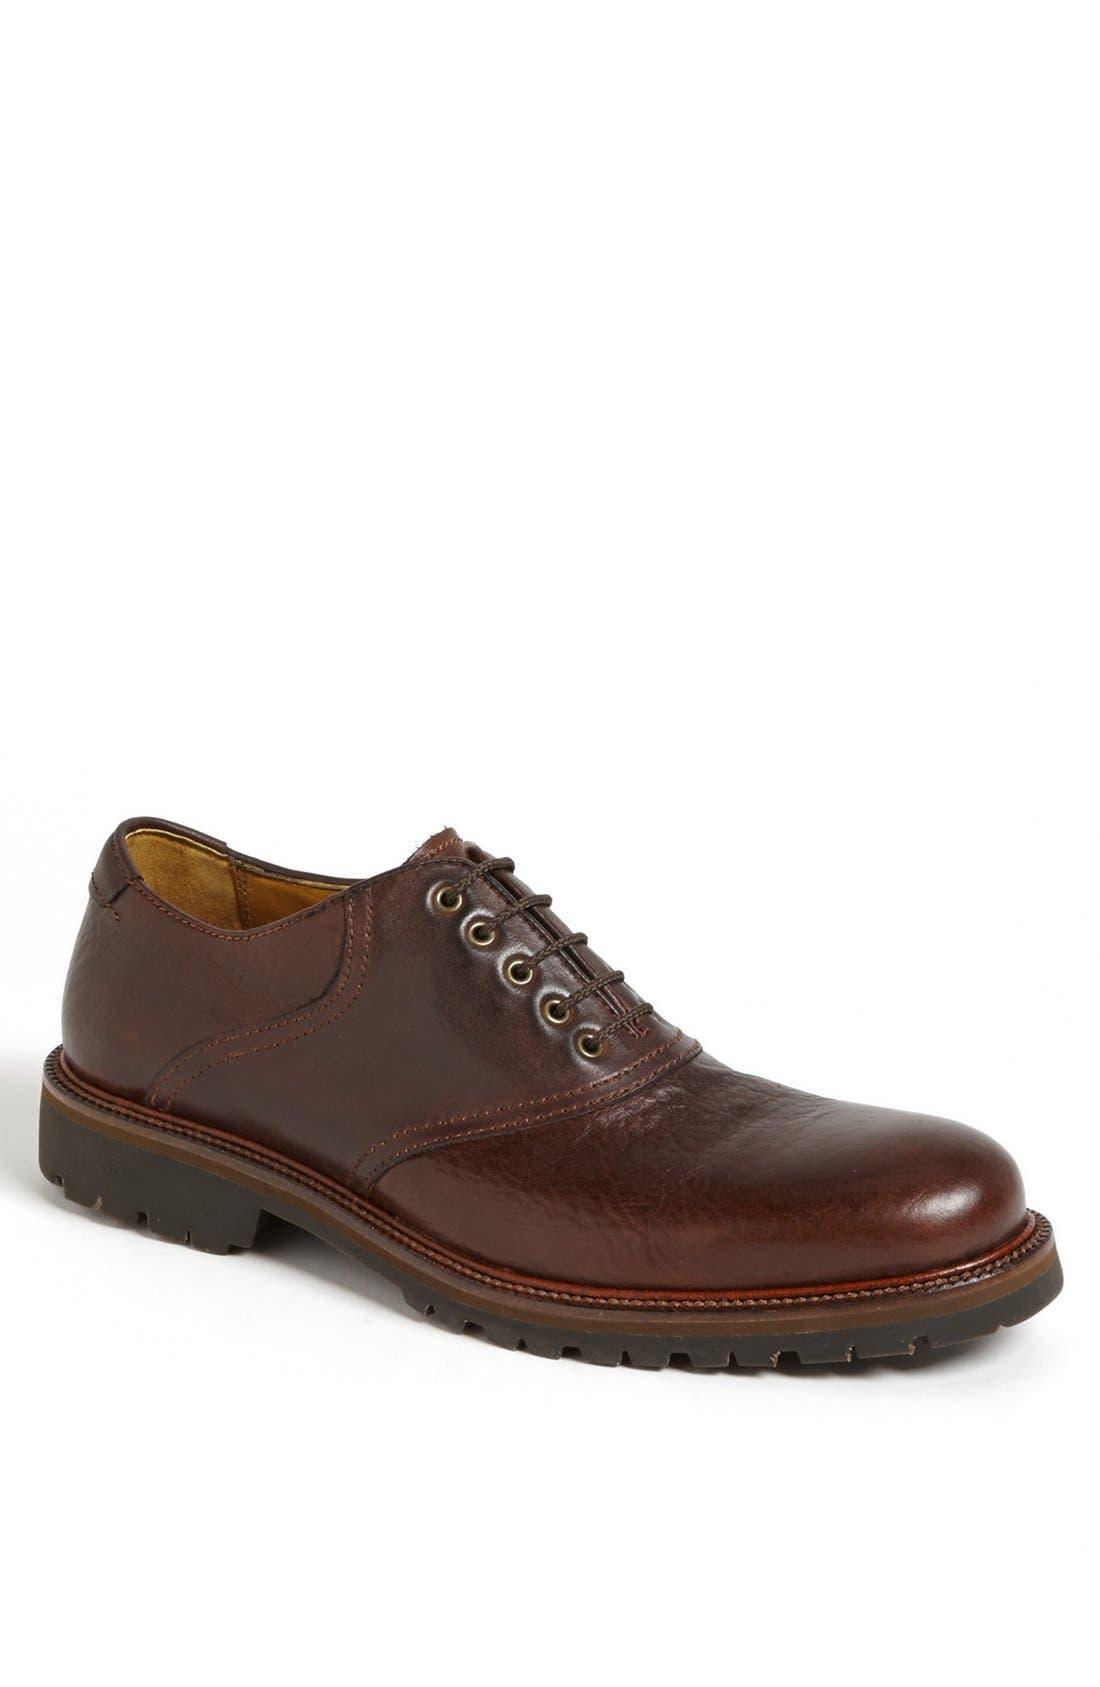 Main Image - Trask 'Garland' Saddle Shoe (Men) (Online Only)